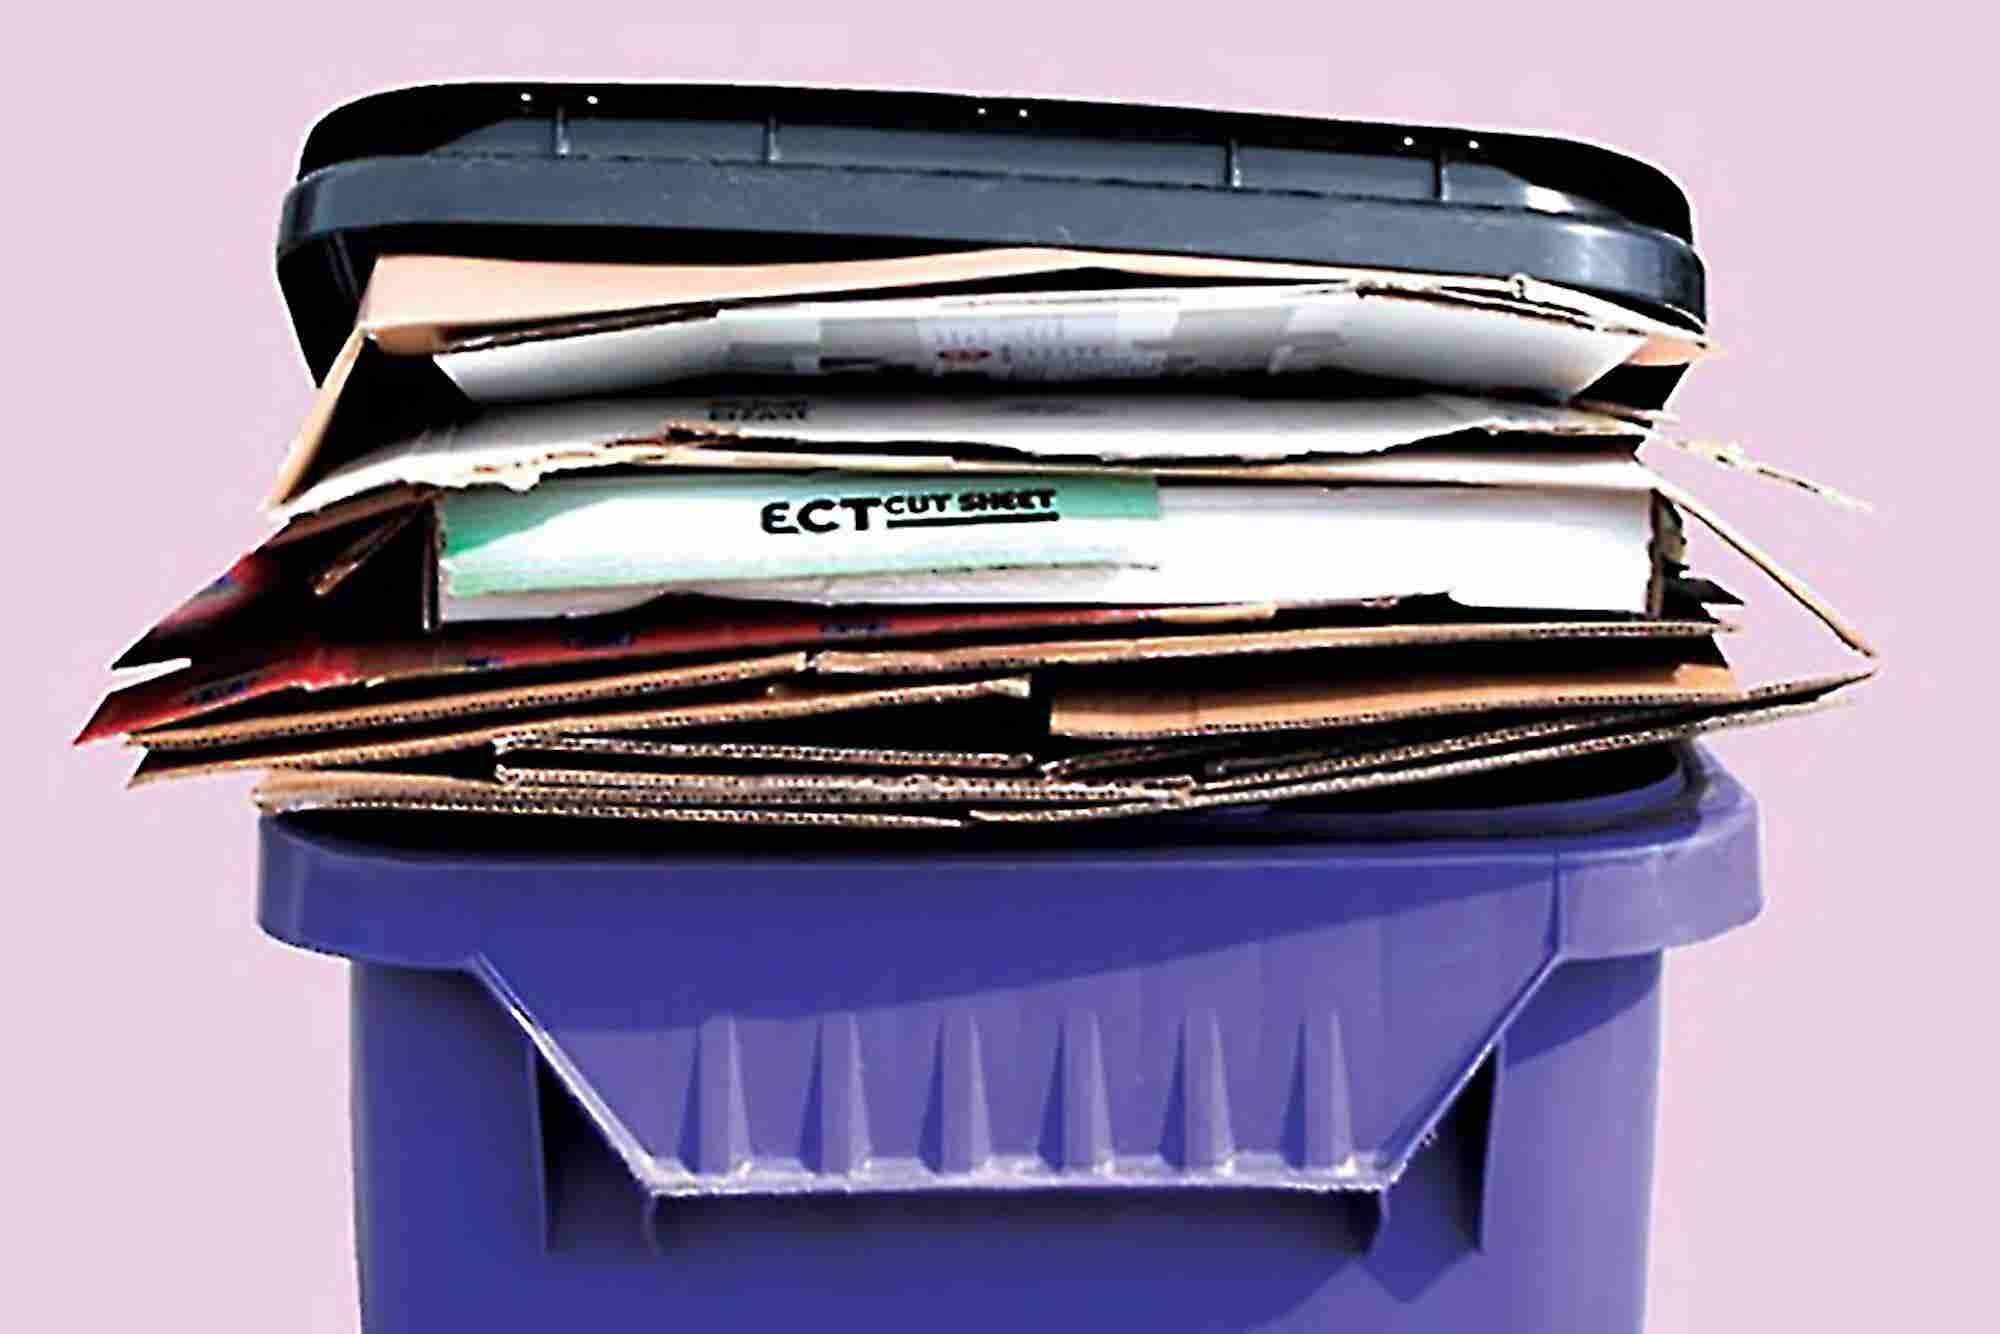 Trash to Treasure: Hidden Business Opportunities